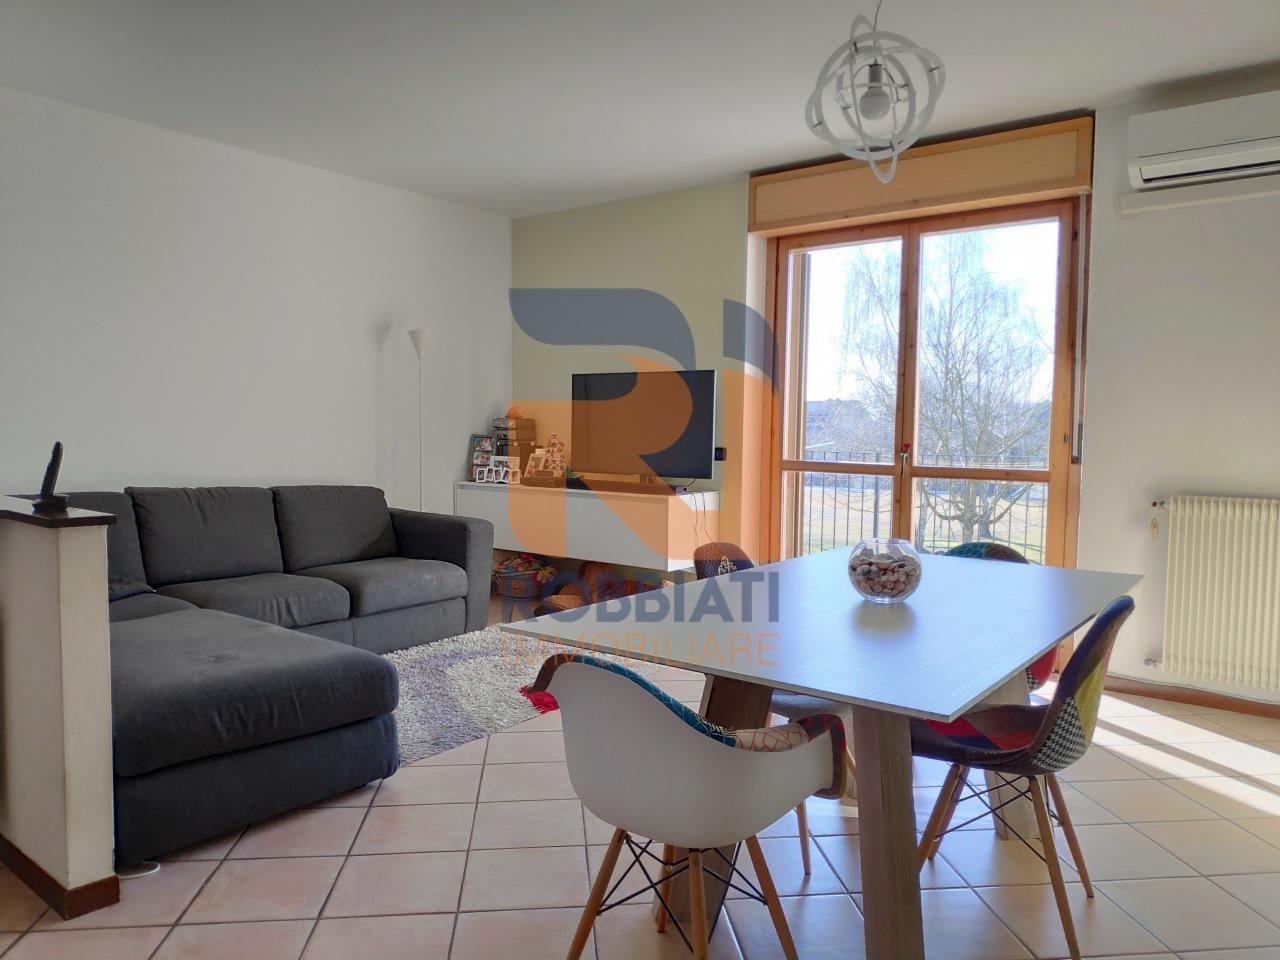 Appartamento in vendita a Cava Manara, 3 locali, prezzo € 135.000 | PortaleAgenzieImmobiliari.it